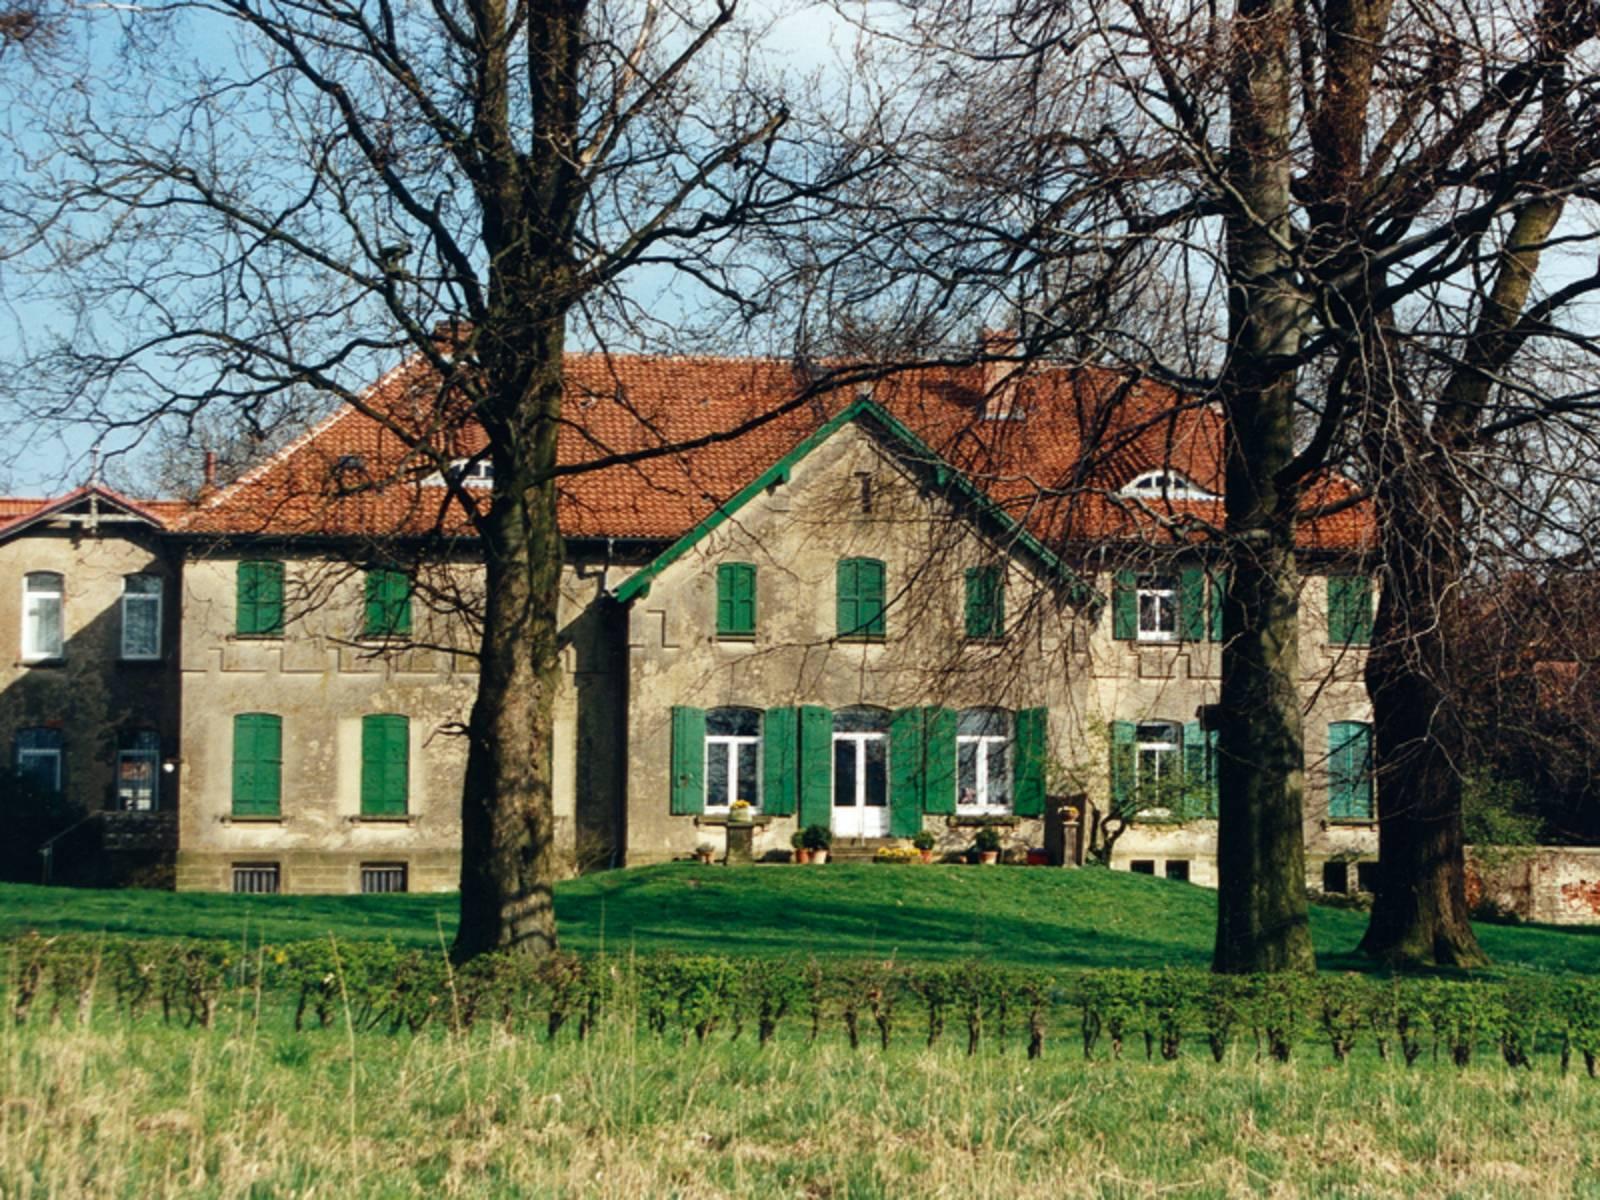 Gutshaus mit grünen Fensterläden, im Vordergrund Wiese, alte unbelaubte Bäume und ein kleiner Hügel, bei blauem Himmel und Sonnenschein